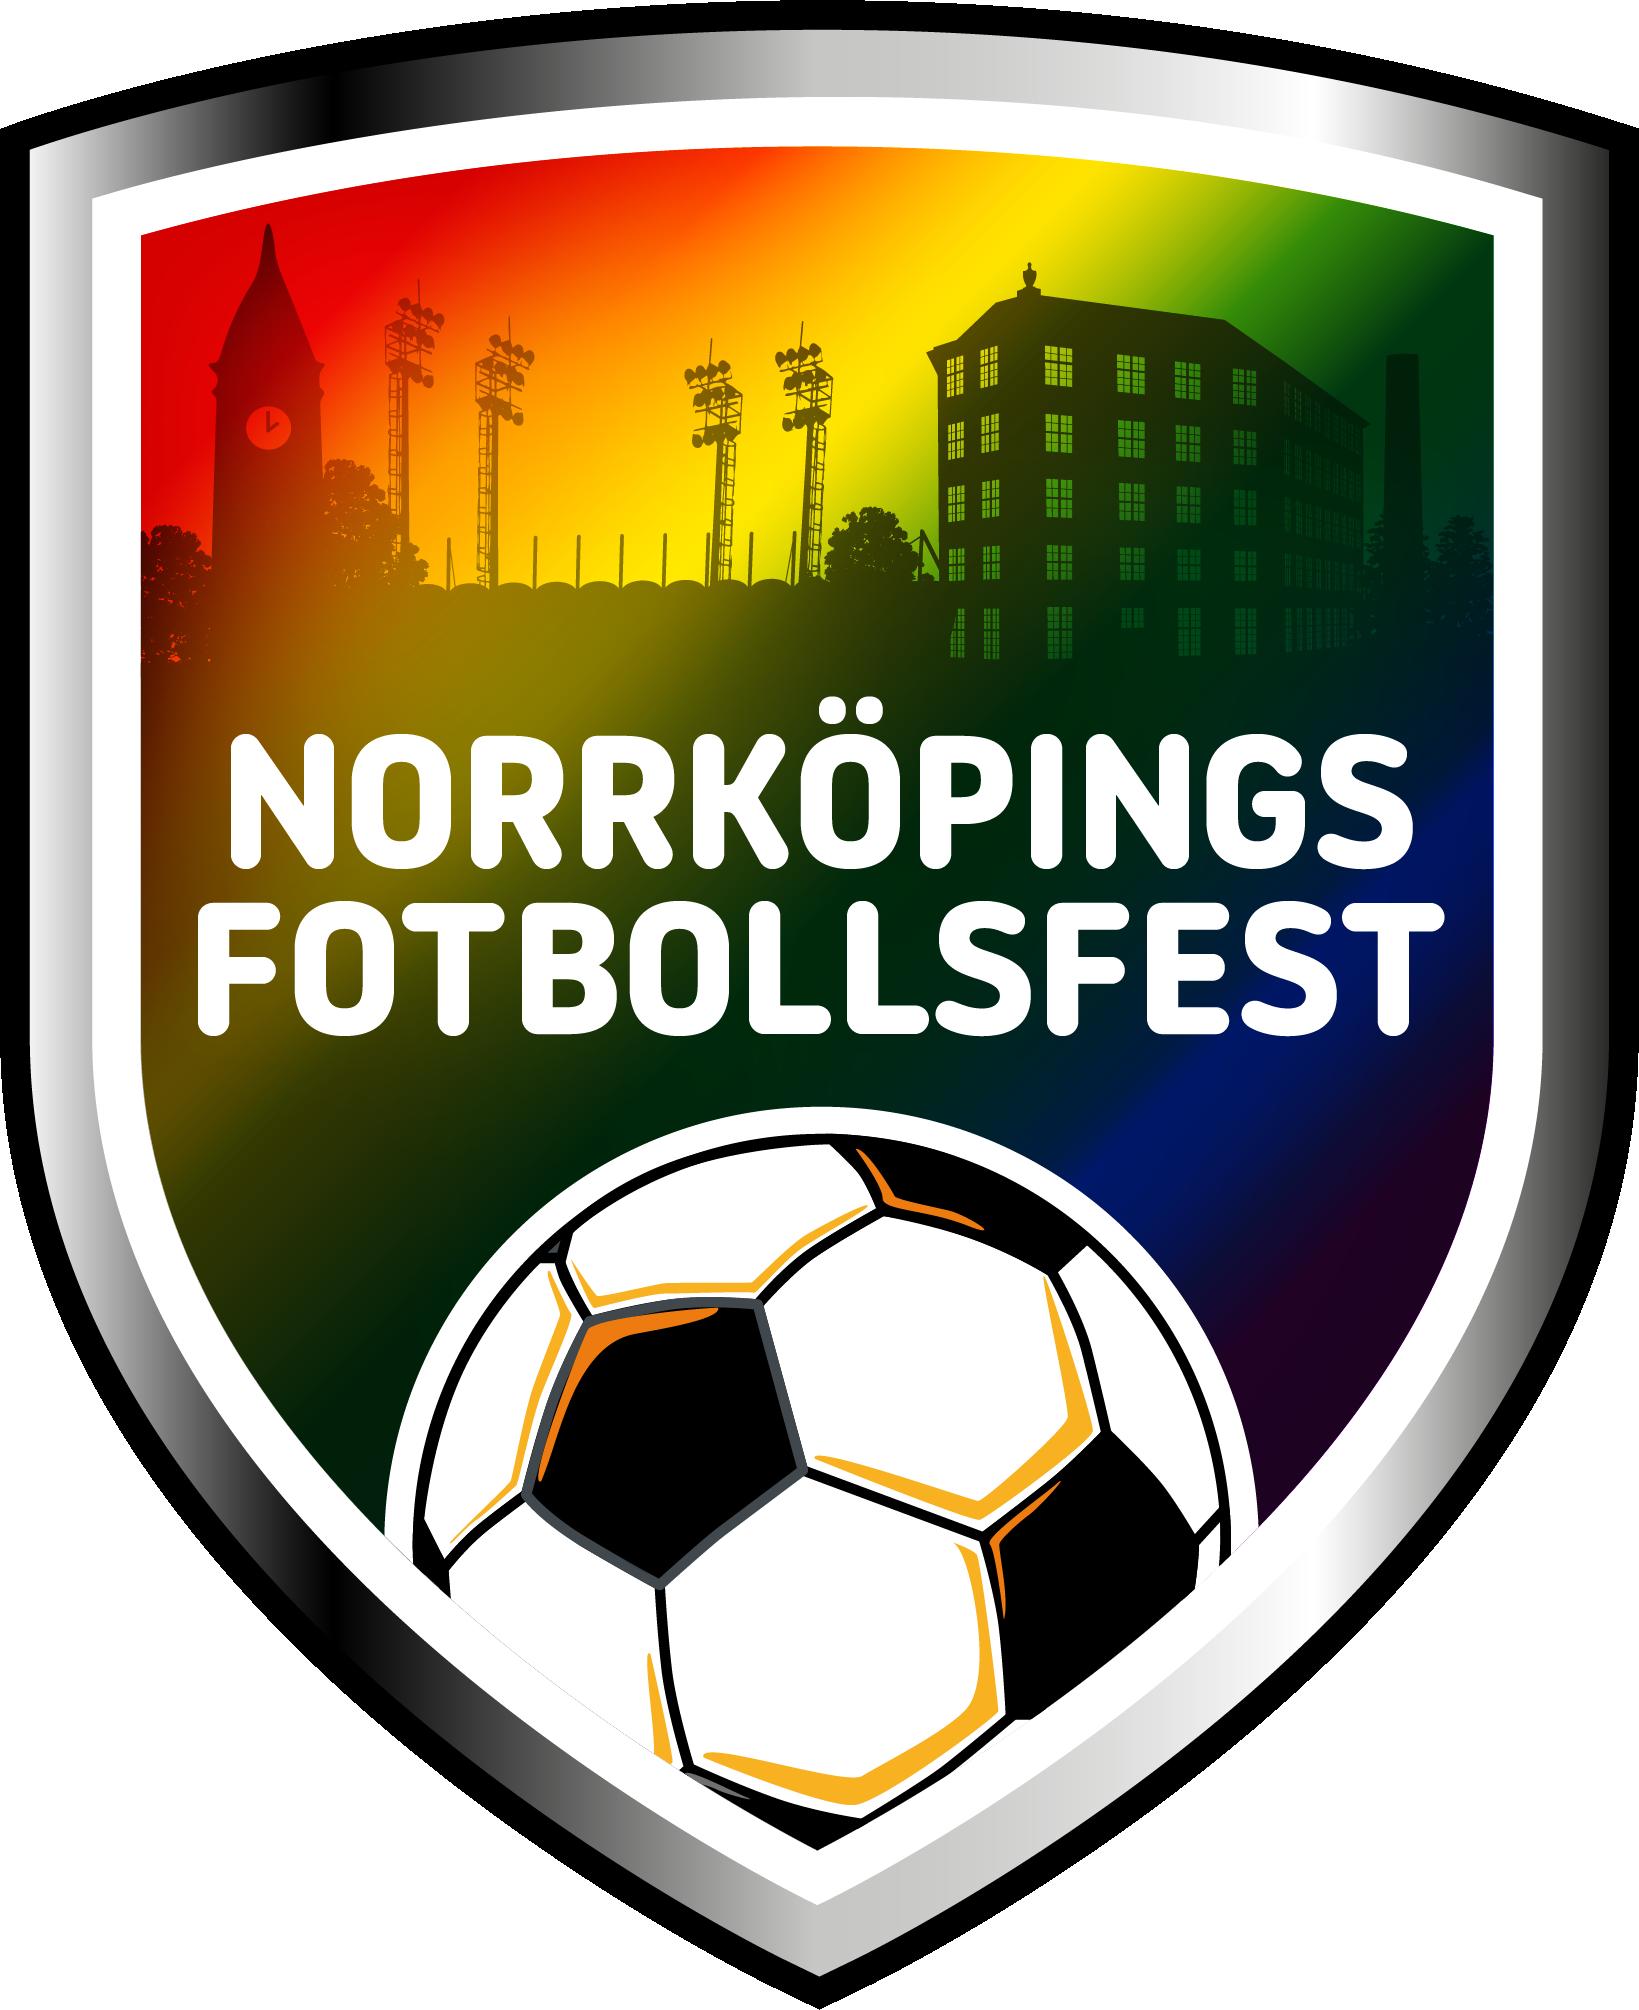 Norrköpings fotbollsfest